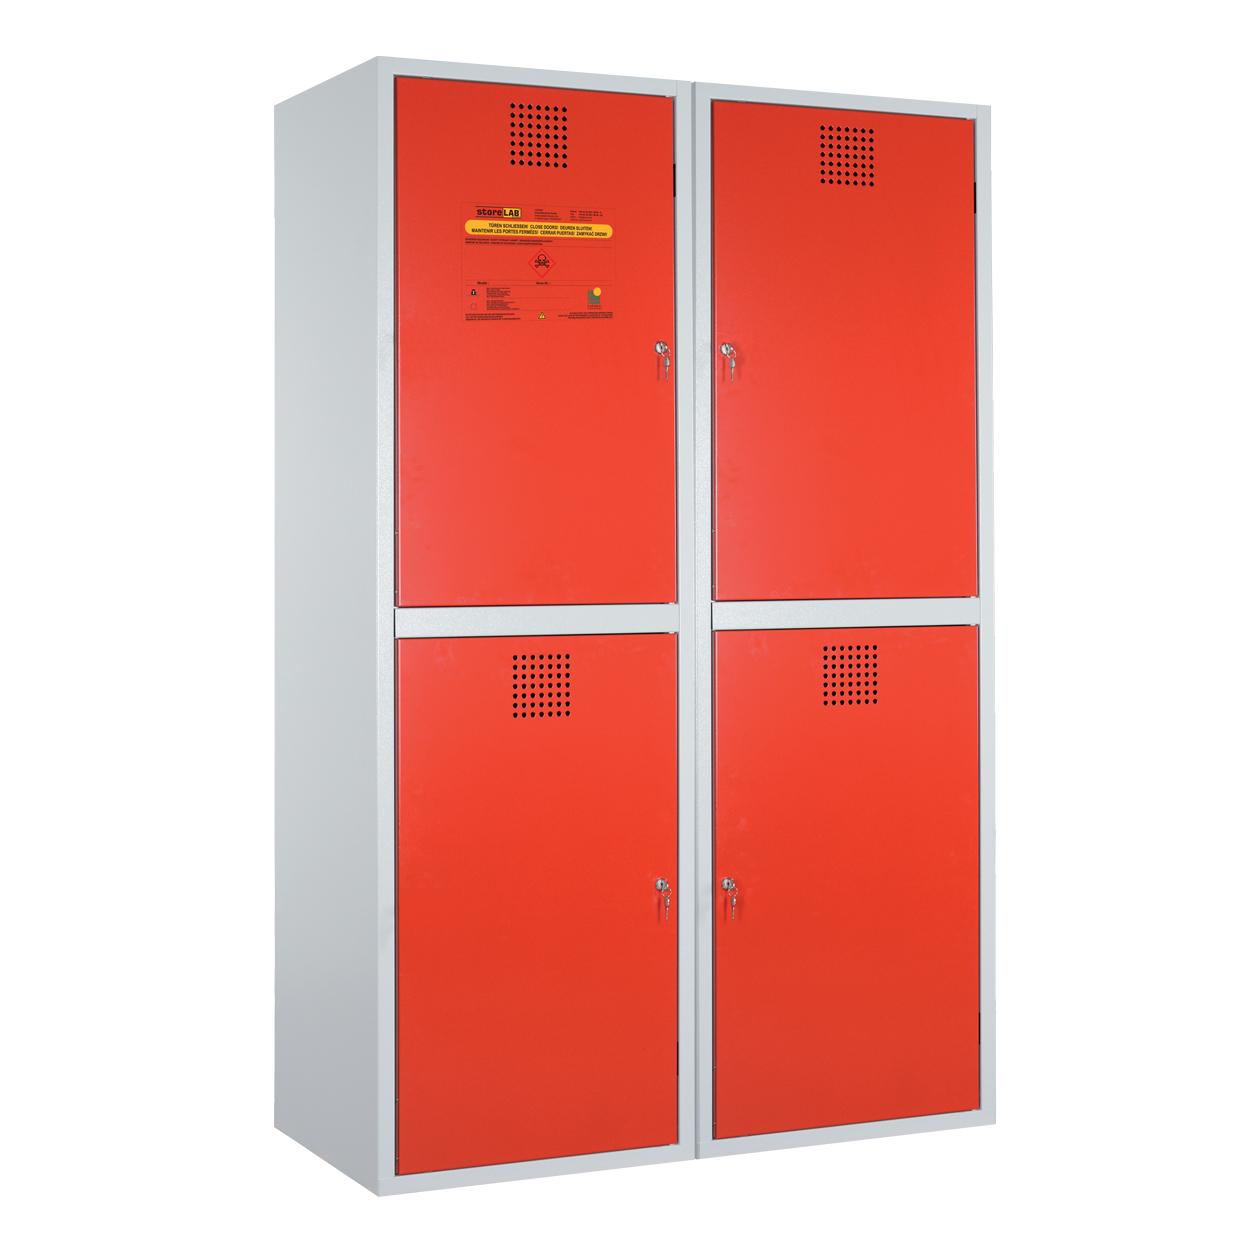 Dzielona szafka na chemikalia - certyfikowana -czerwona